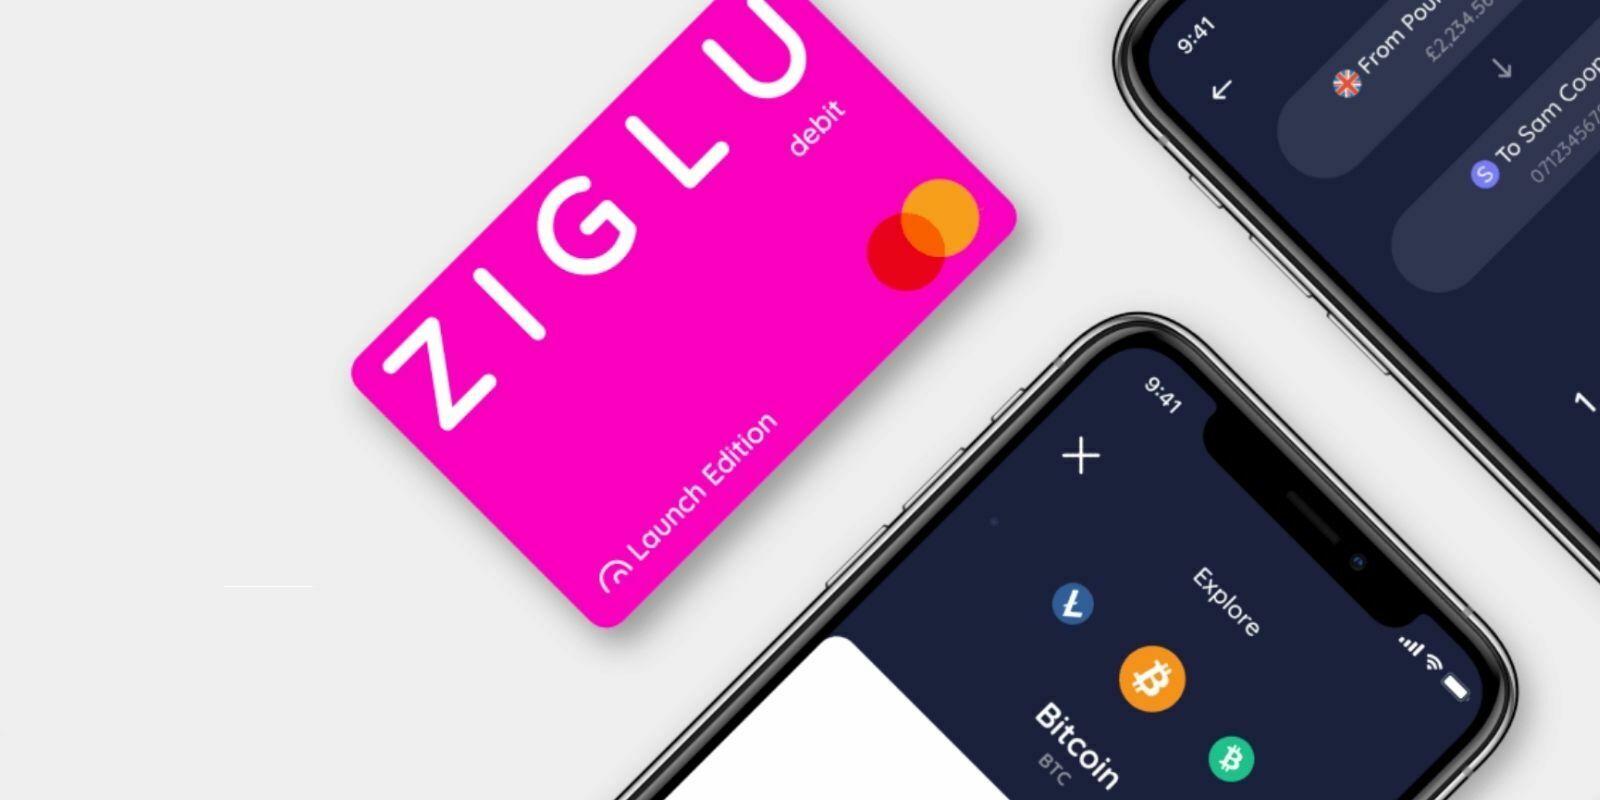 La néo-banque Ziglu lance son offre sur cryptomonnaies au Royaume-Uni